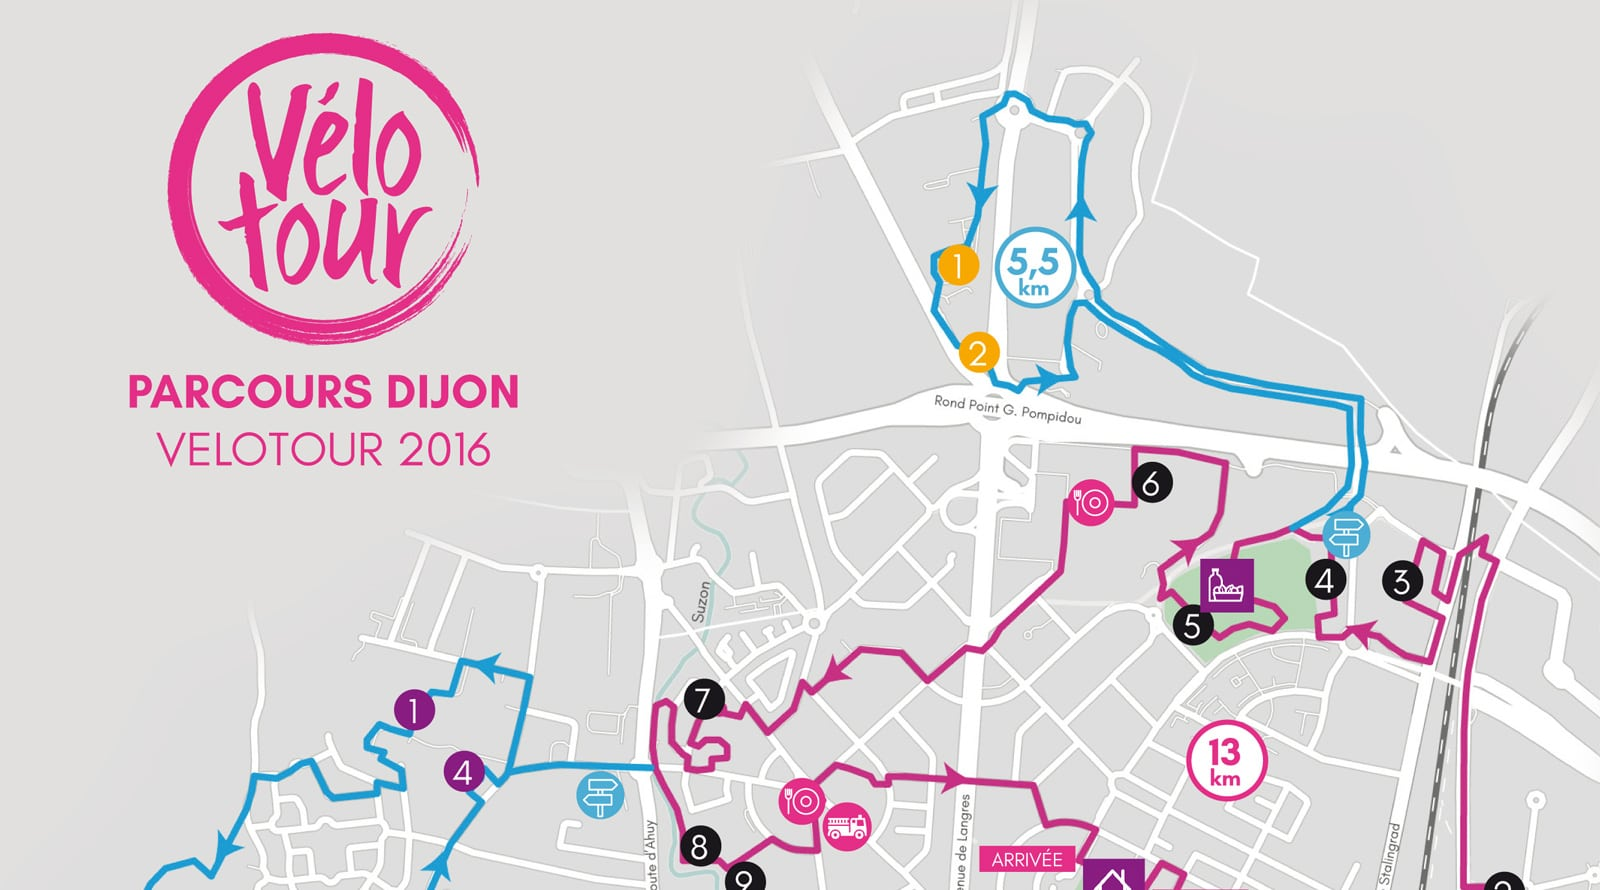 Parcours du Vélotour Dijon 2016